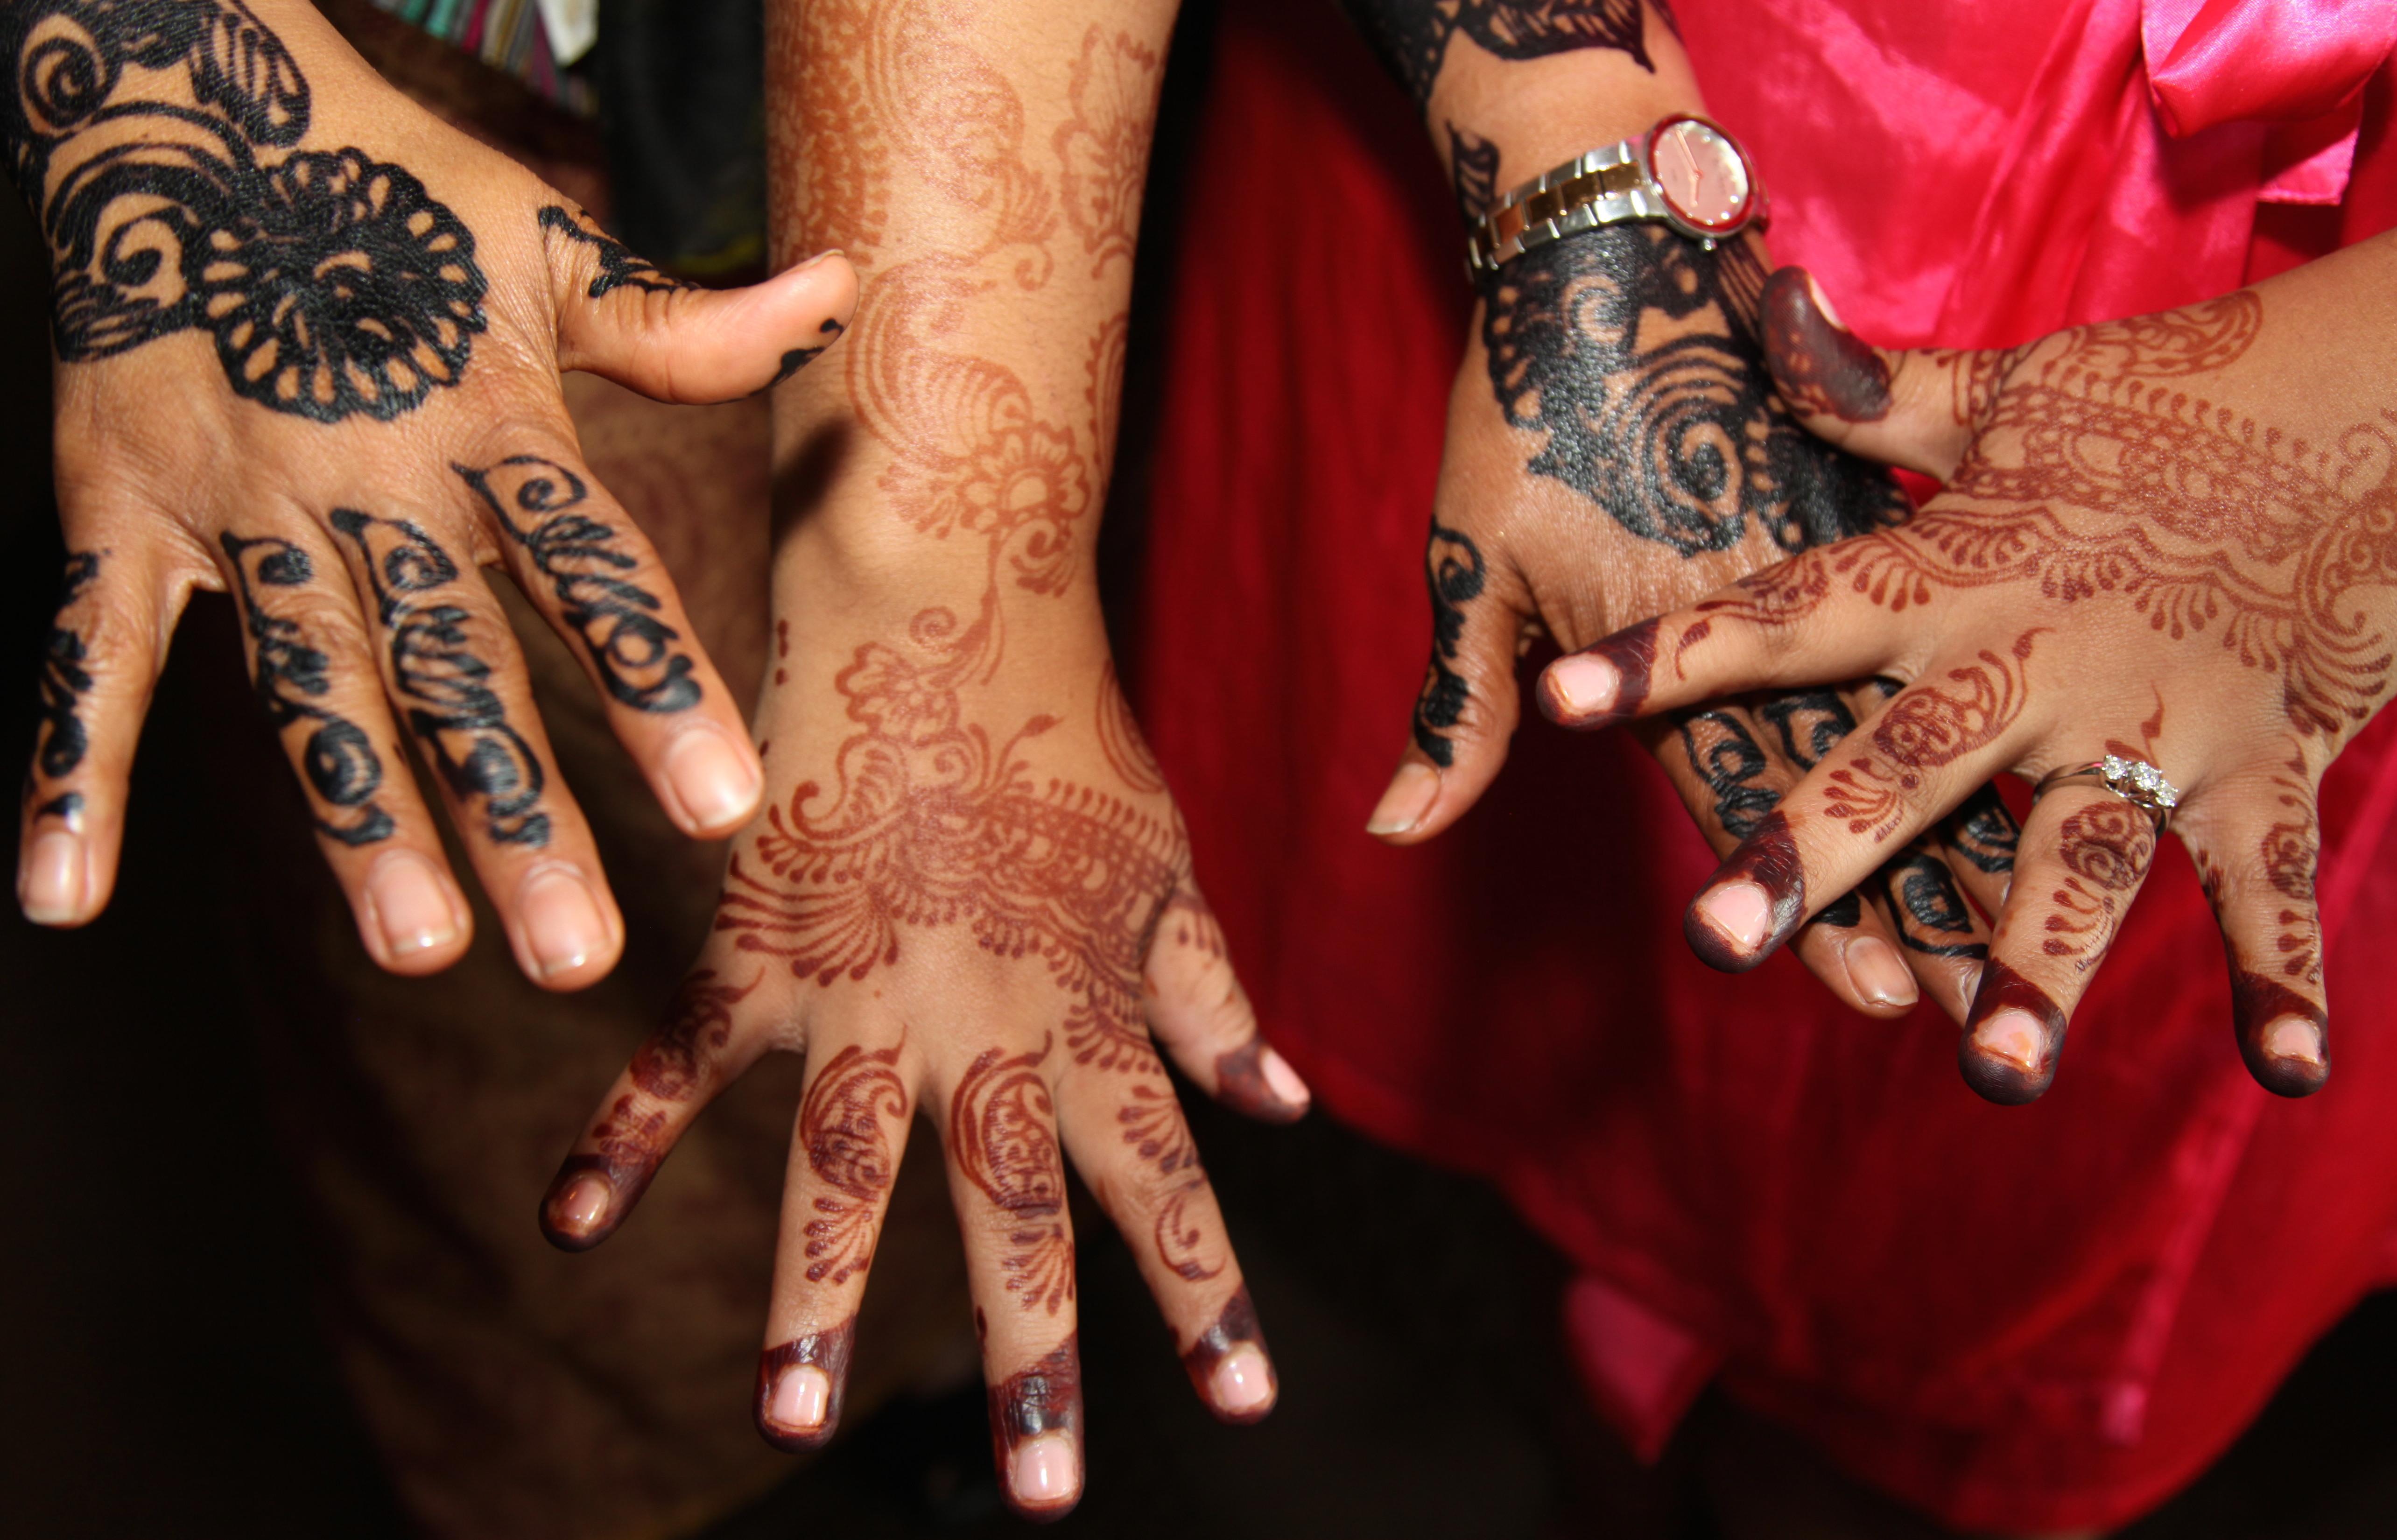 Henna Hands at a wedding